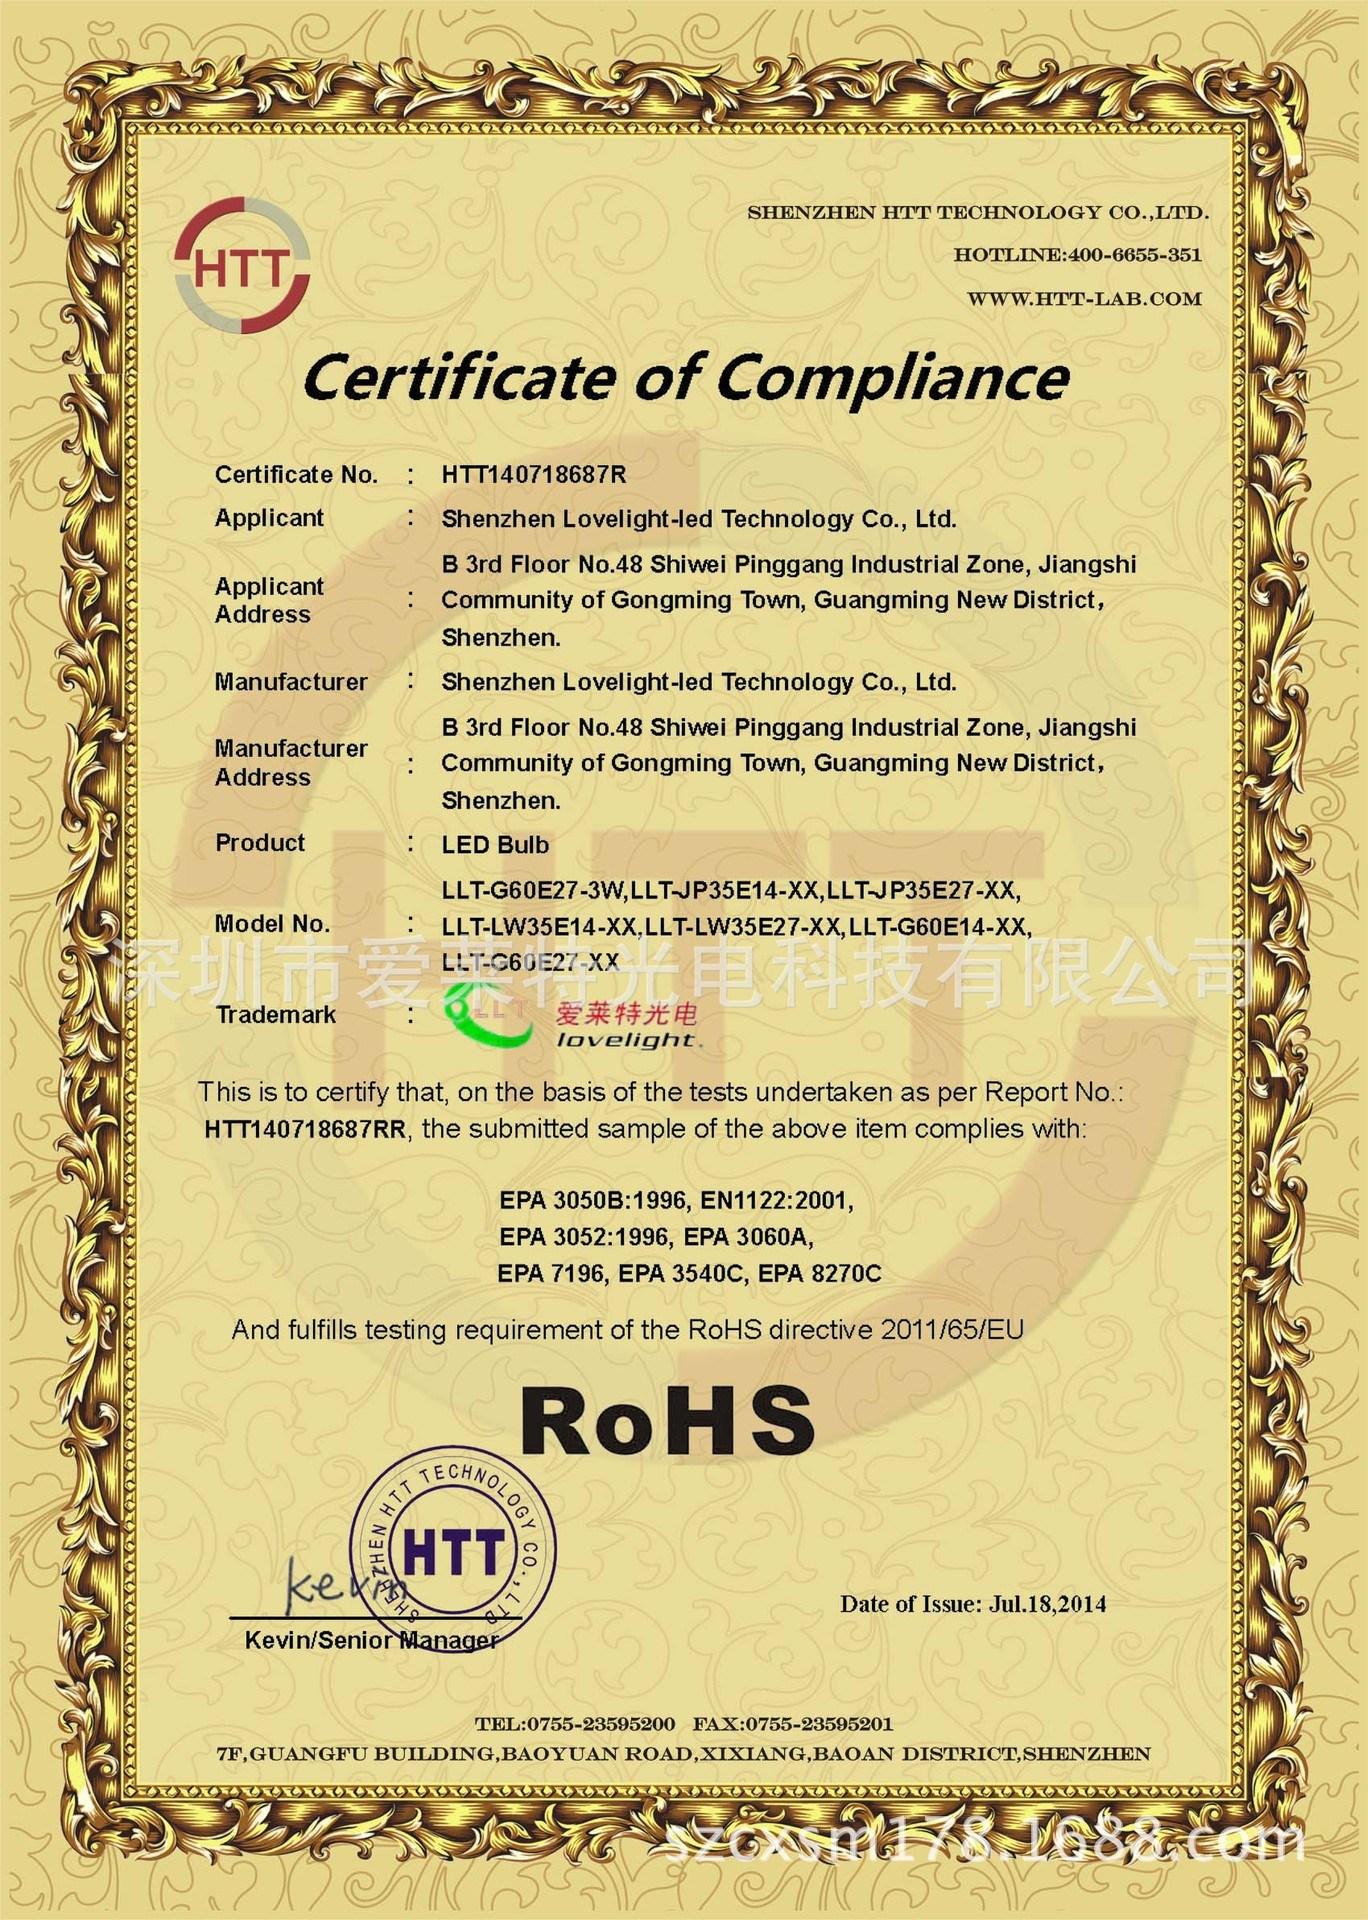 ROHS證書